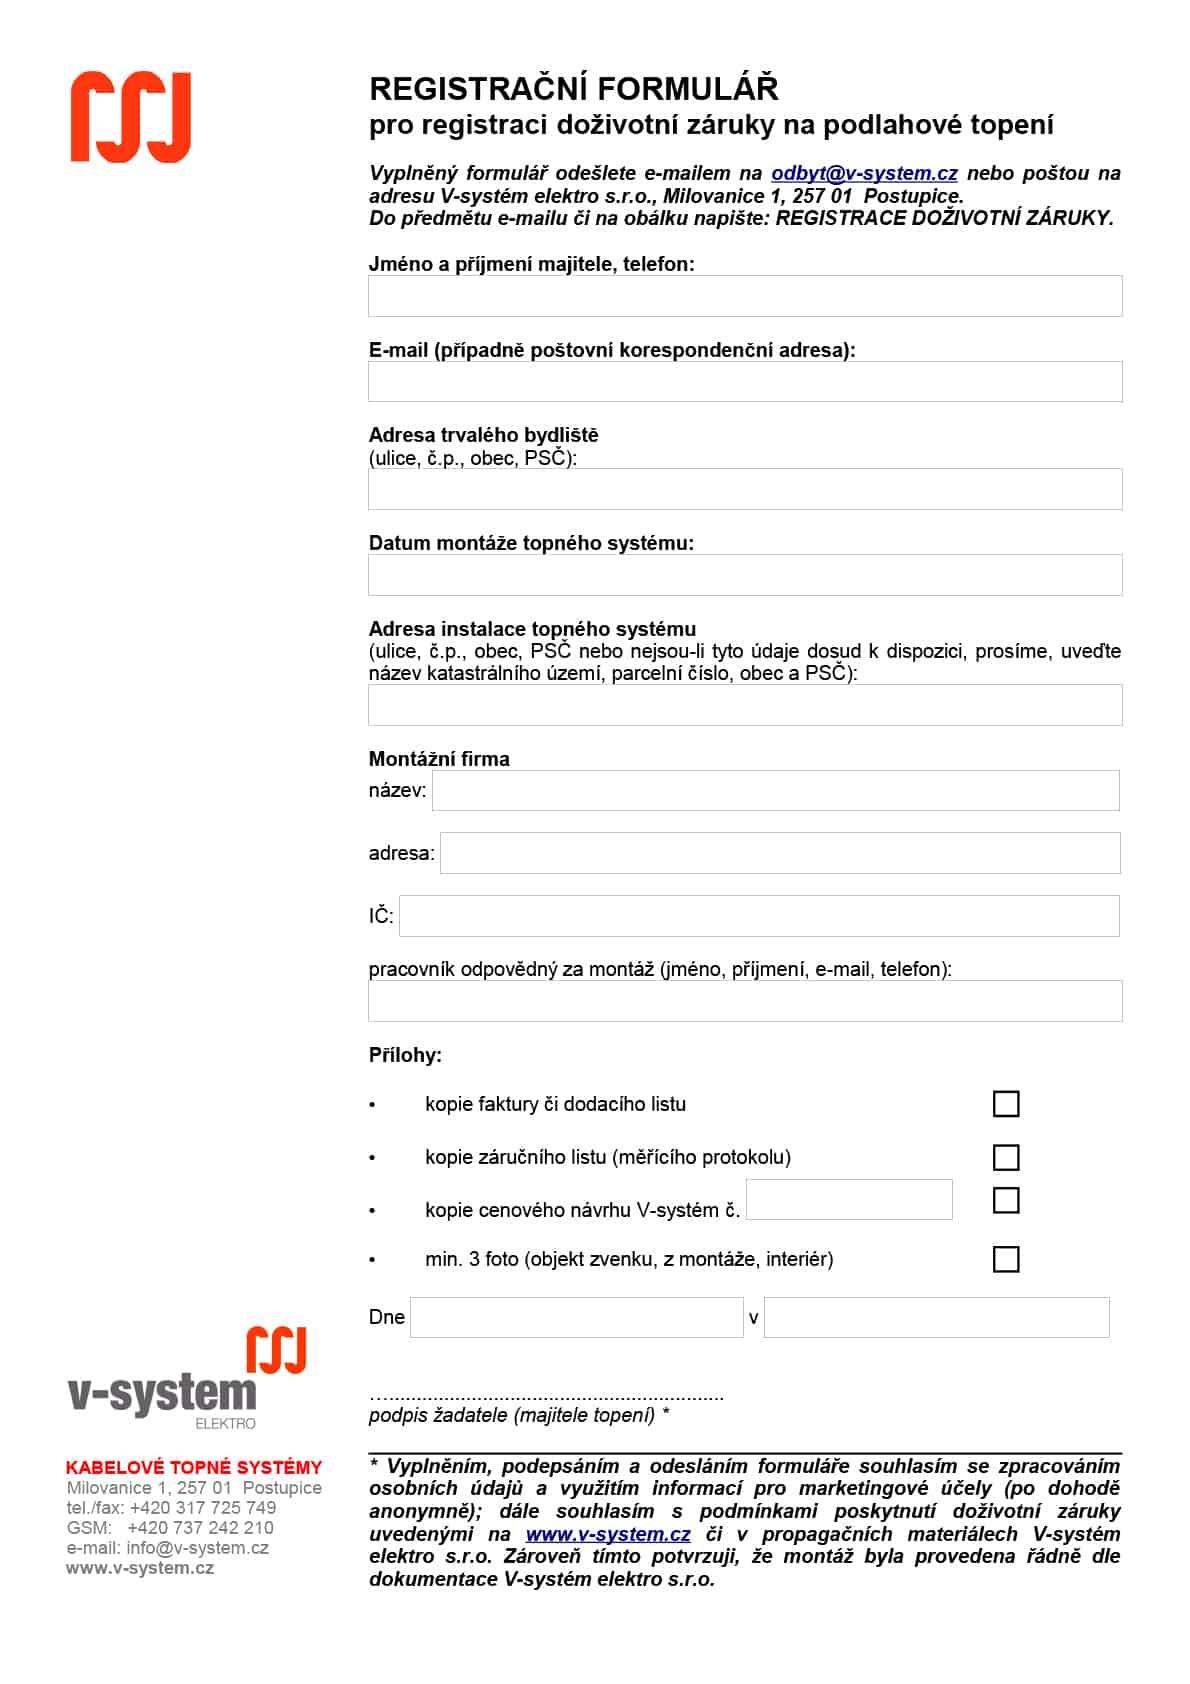 Doživotní záruka – formulář pro registraci